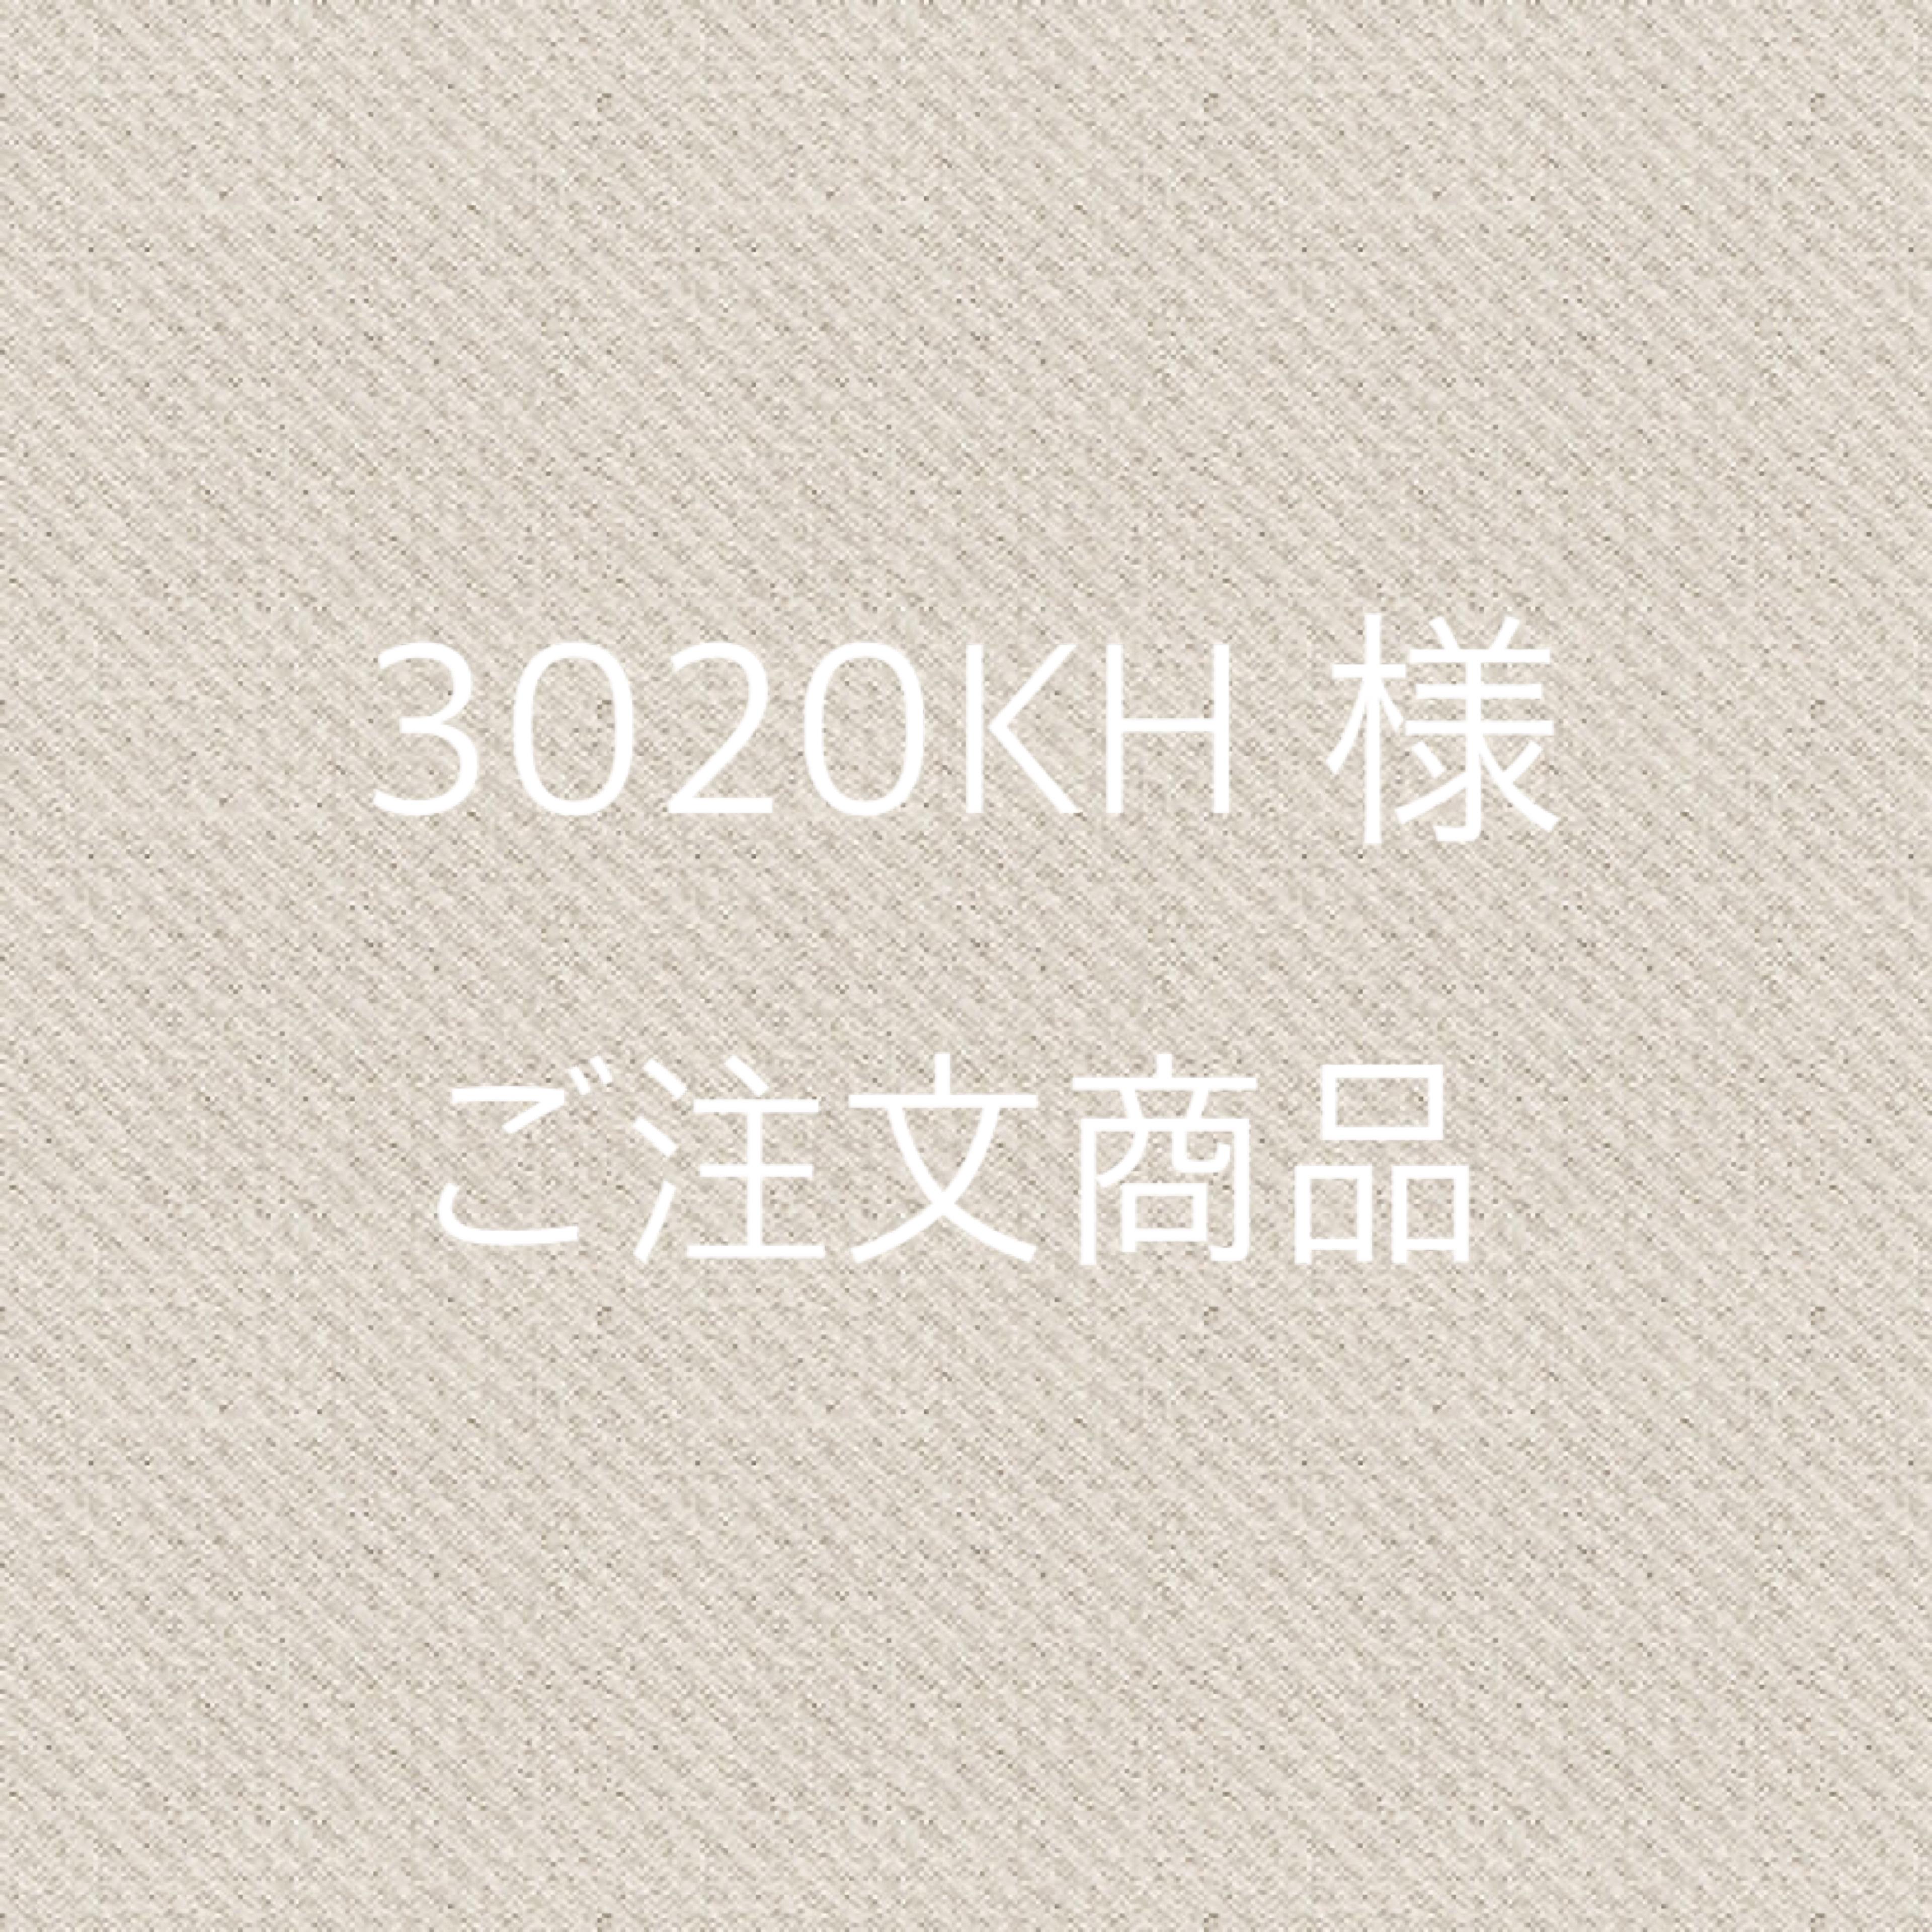 [ 3020KH 様 ] ご注文の商品となります。